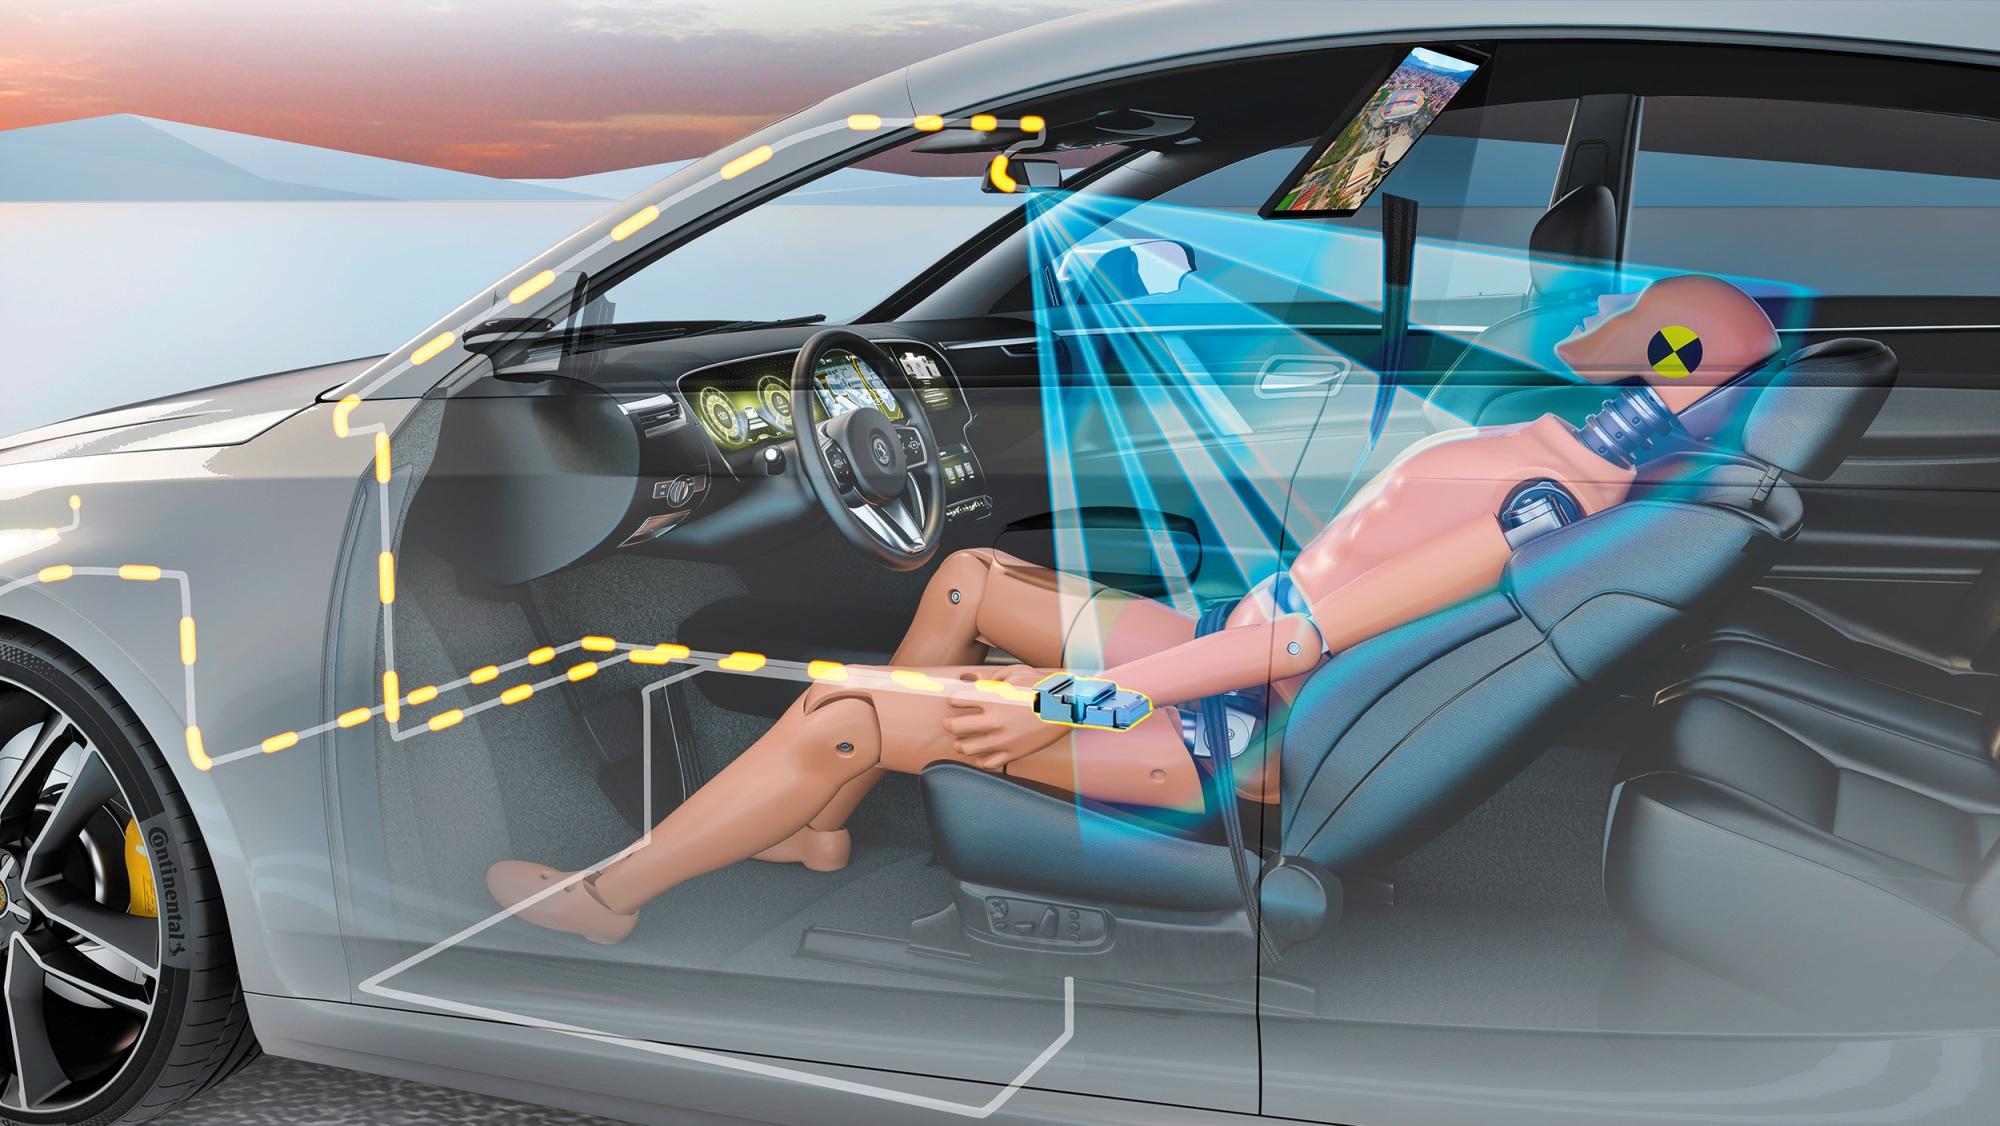 Continental monitorowanie wnętrza pojazdu